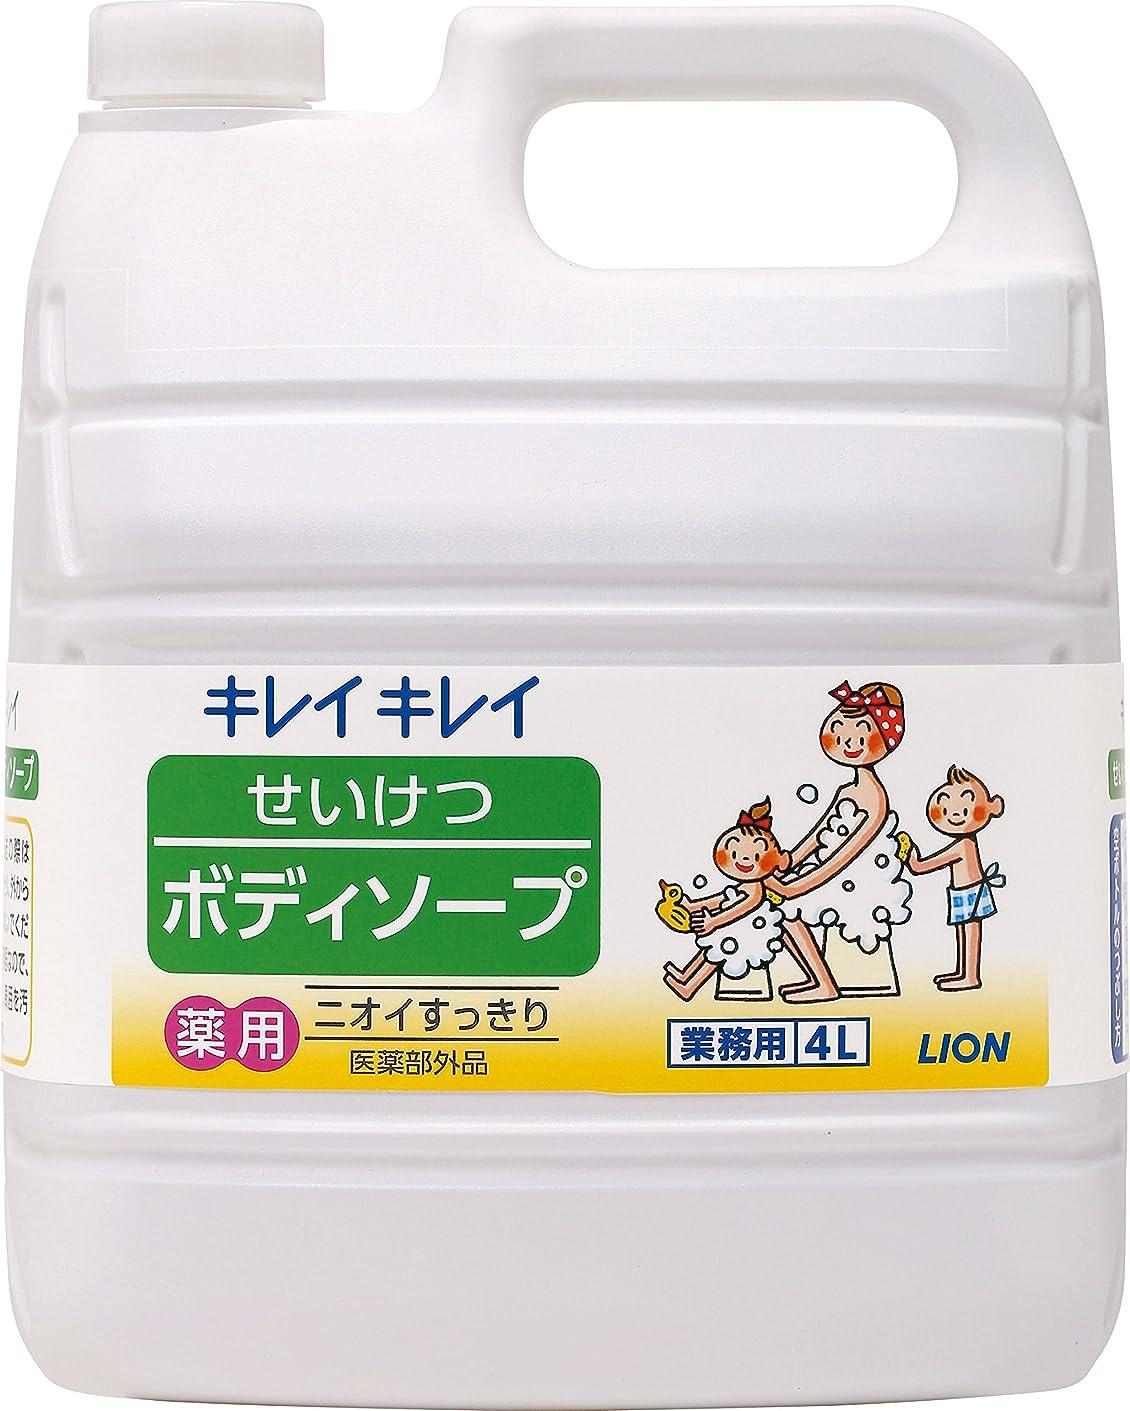 ビスケット億消費者【業務用 大容量】キレイキレイ せいけつボディソープ さわやかなレモン&オレンジの香り 4L(医薬部外品)